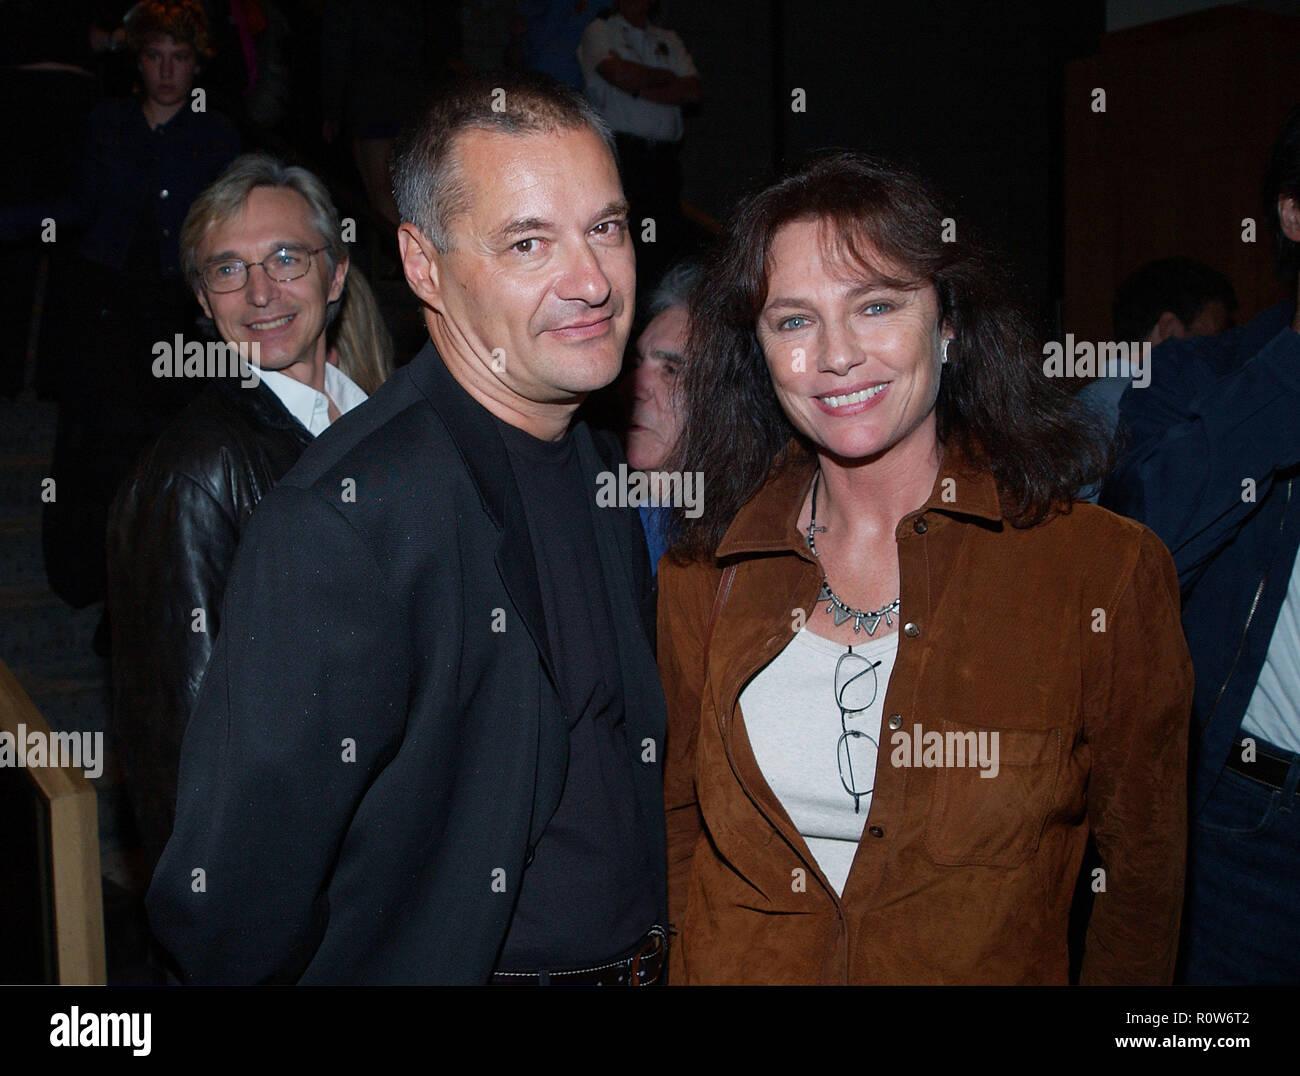 -            JeunetJP_BissetJacqueline01.jpgJeunetJP_BissetJacqueline01  Event in Hollywood Life - California, Red Carpet Event, USA, Film Industry, C - Stock Image